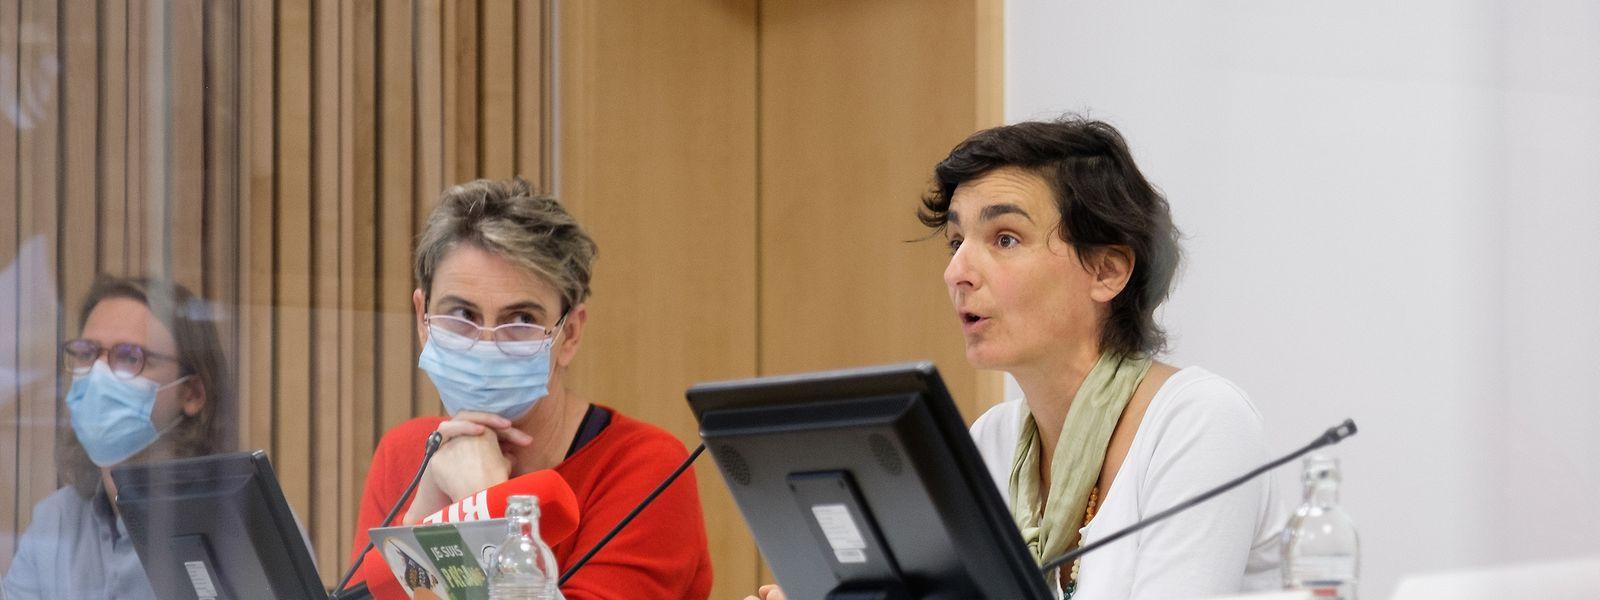 Martina Holbach von Greenpeace Luxembourg und Marine Lefebvre von SOS Faim kritisieren Luxemburgs Sustainable Finance Strategy.